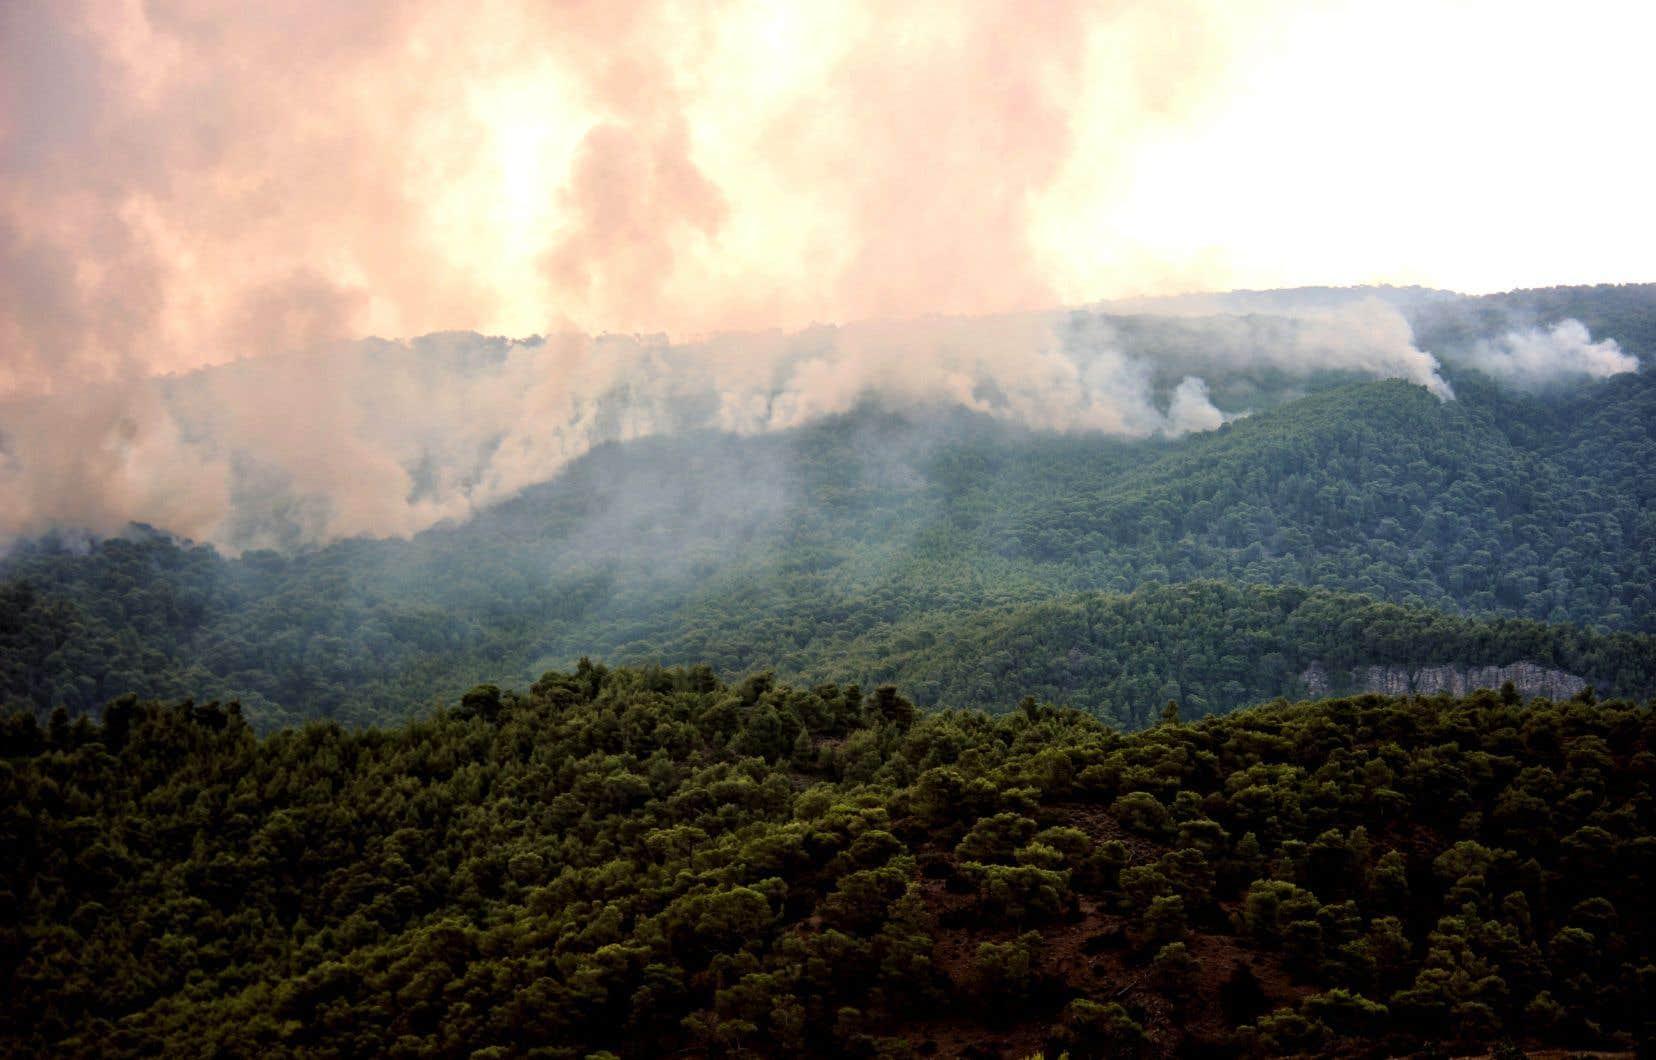 <p>Les flammes ont décimé des zones côtières près d'Athènes, faisant au moins 82 morts et contraignant des milliers d'autres personnes à fuir.</p>